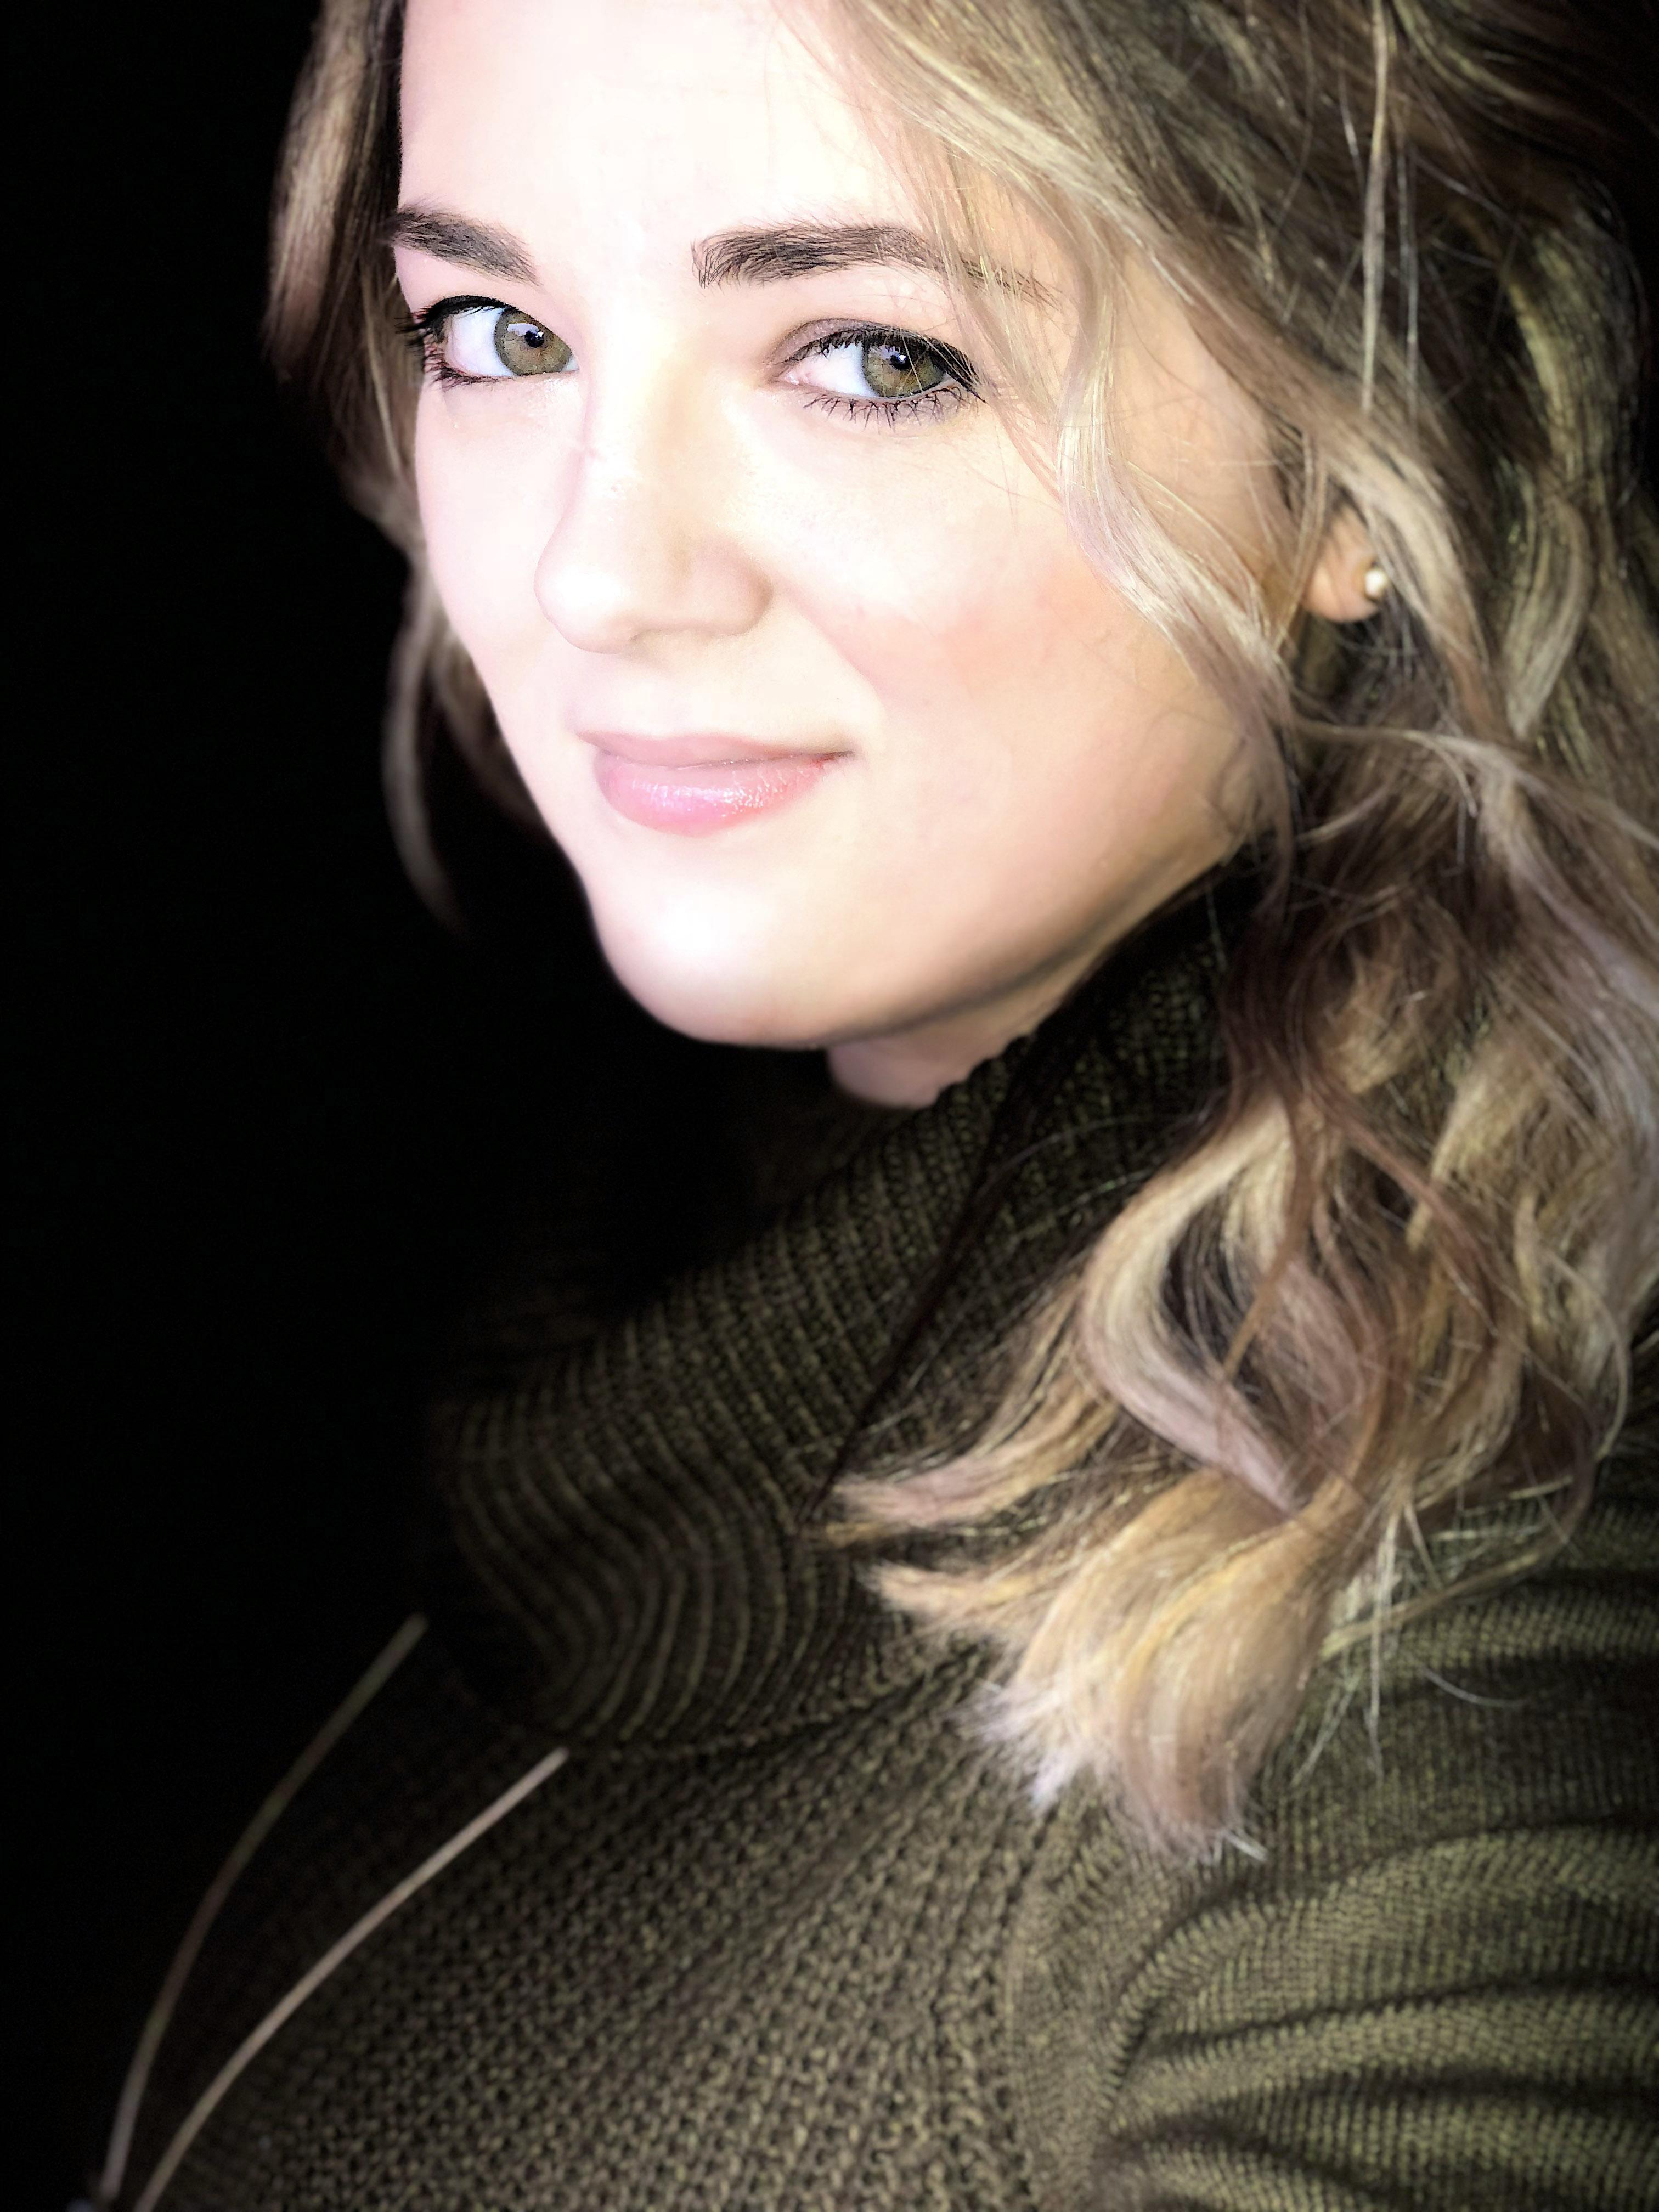 Lexis Rose